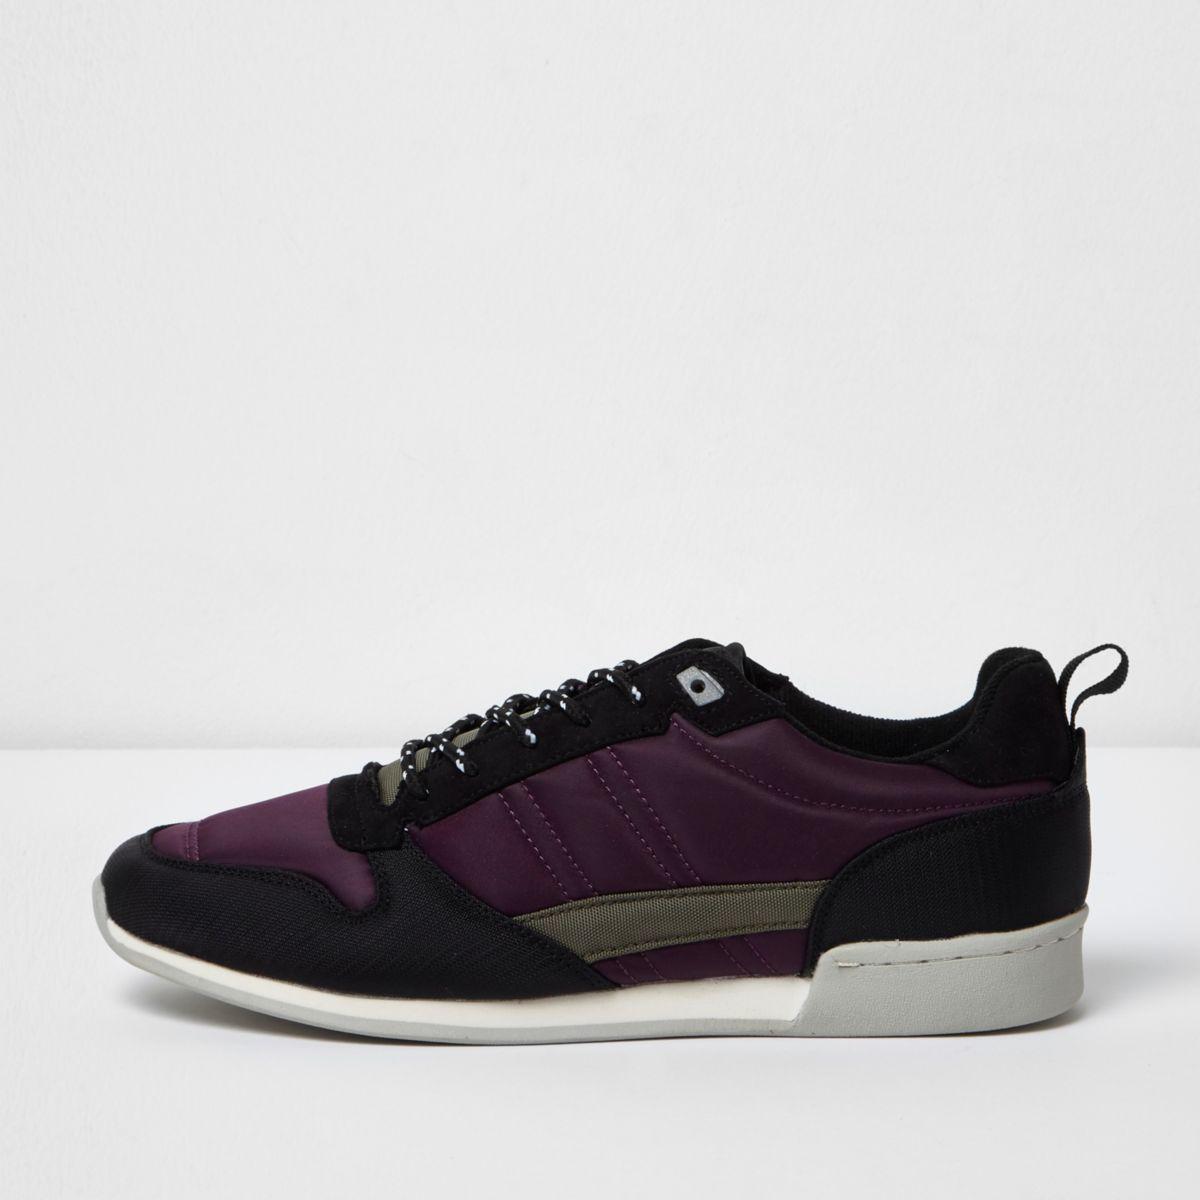 Purple retro runner trainers